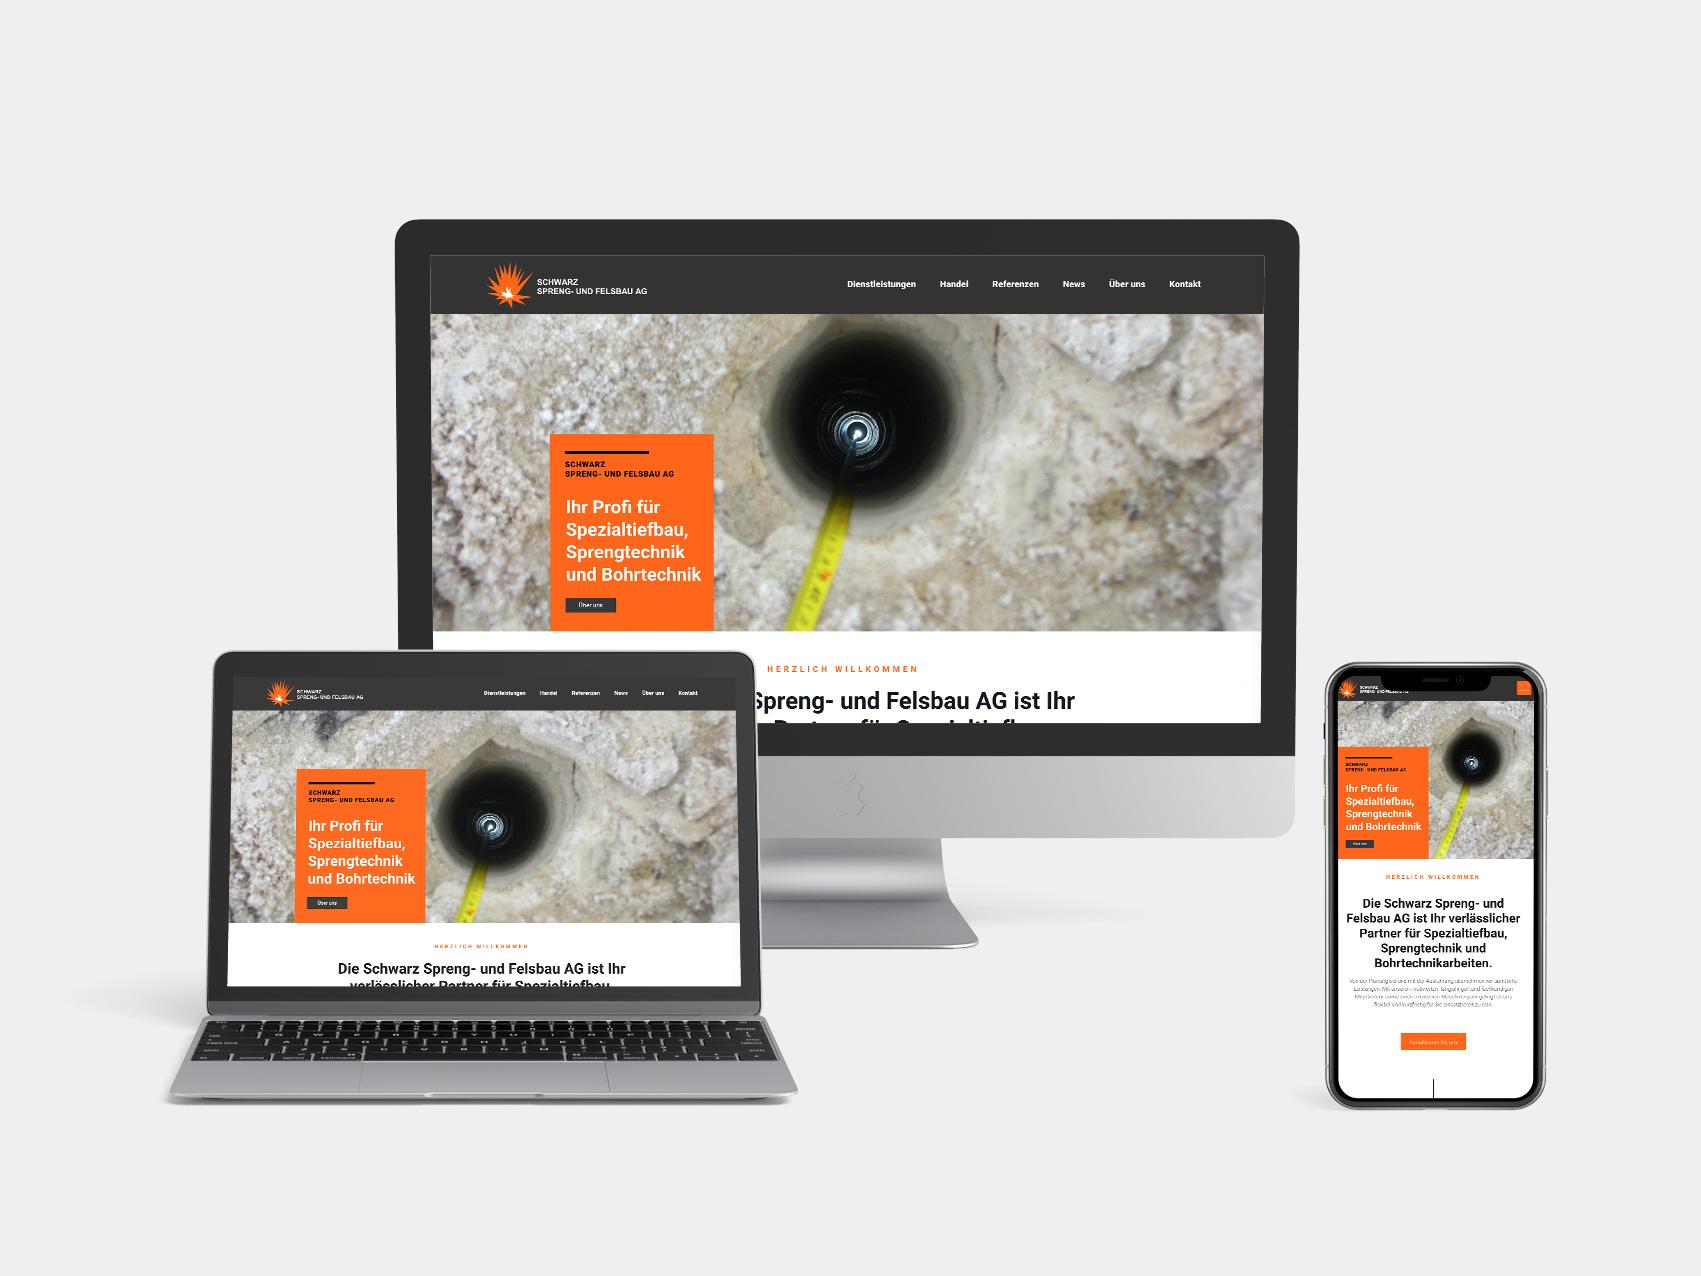 Schwarz-Sprengundfelsbau-Kommunikationsagentur – Webdesign – Gasser Miesch St. Gallen